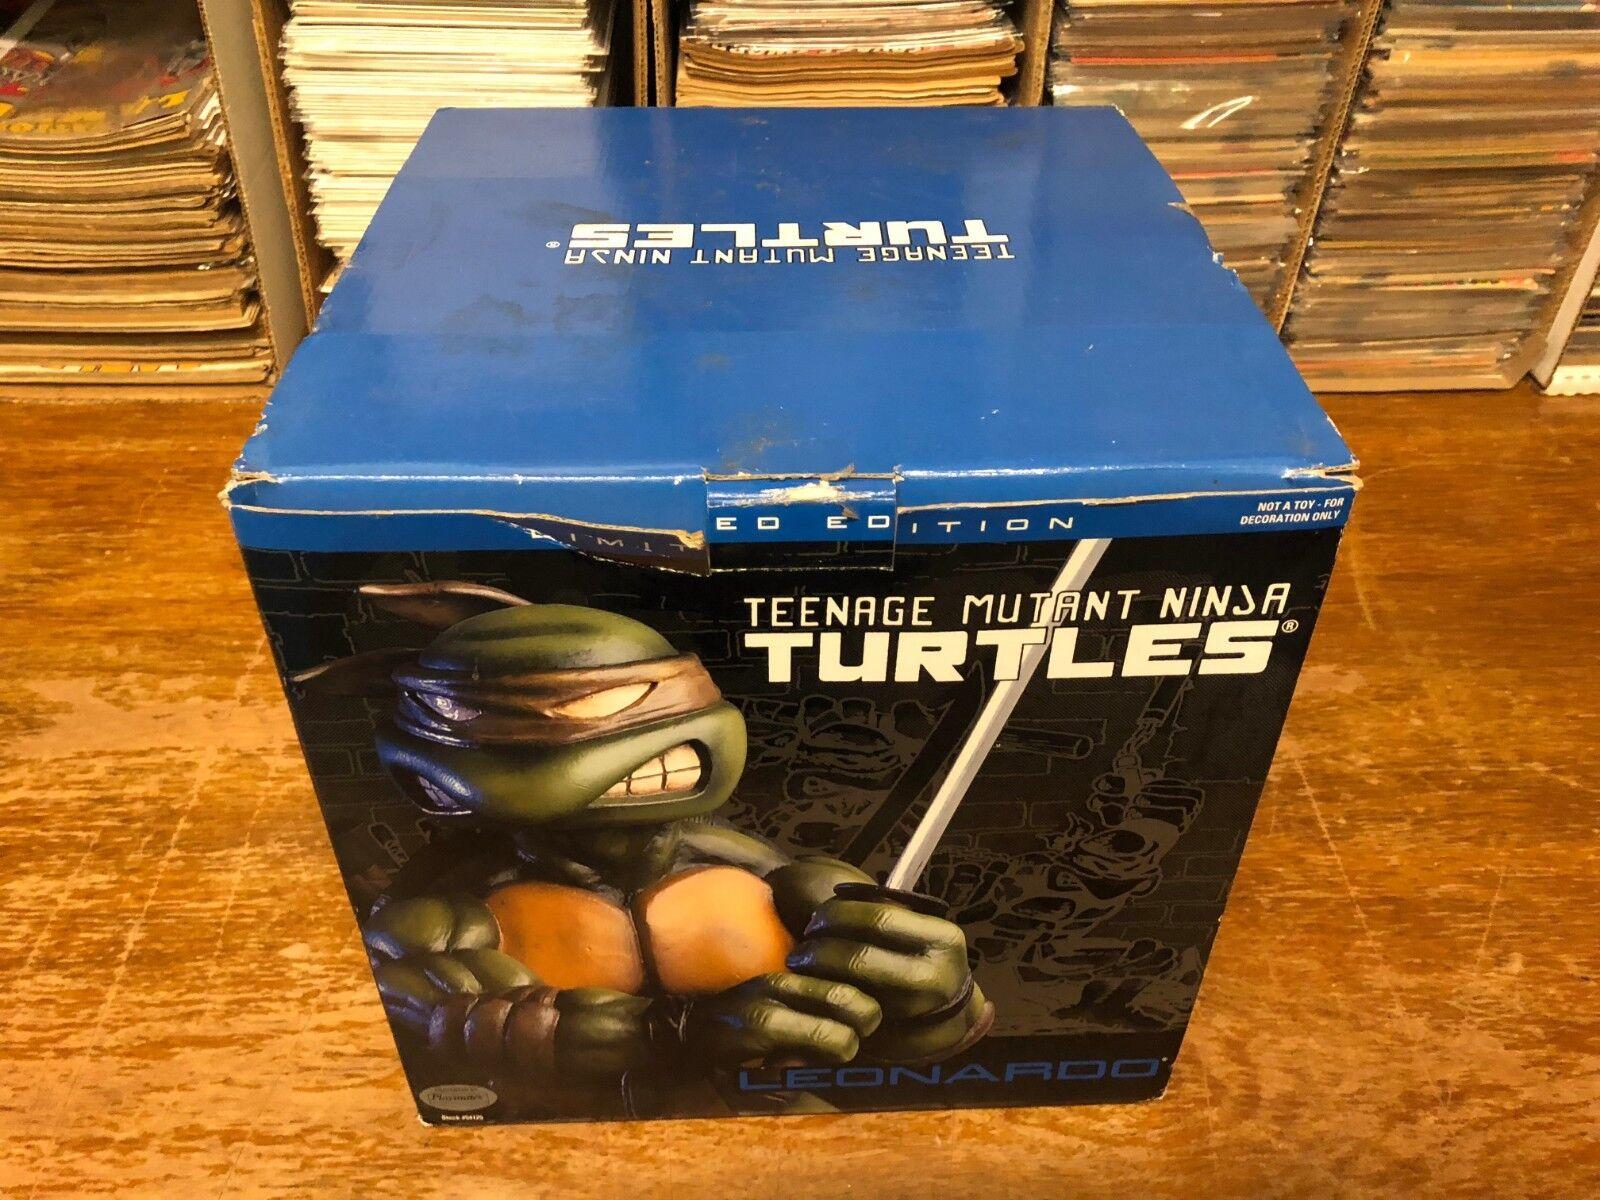 LEONARDO Teenage Mutant Ninja Turtles Statue Playmates 9  2003 W COA TB1